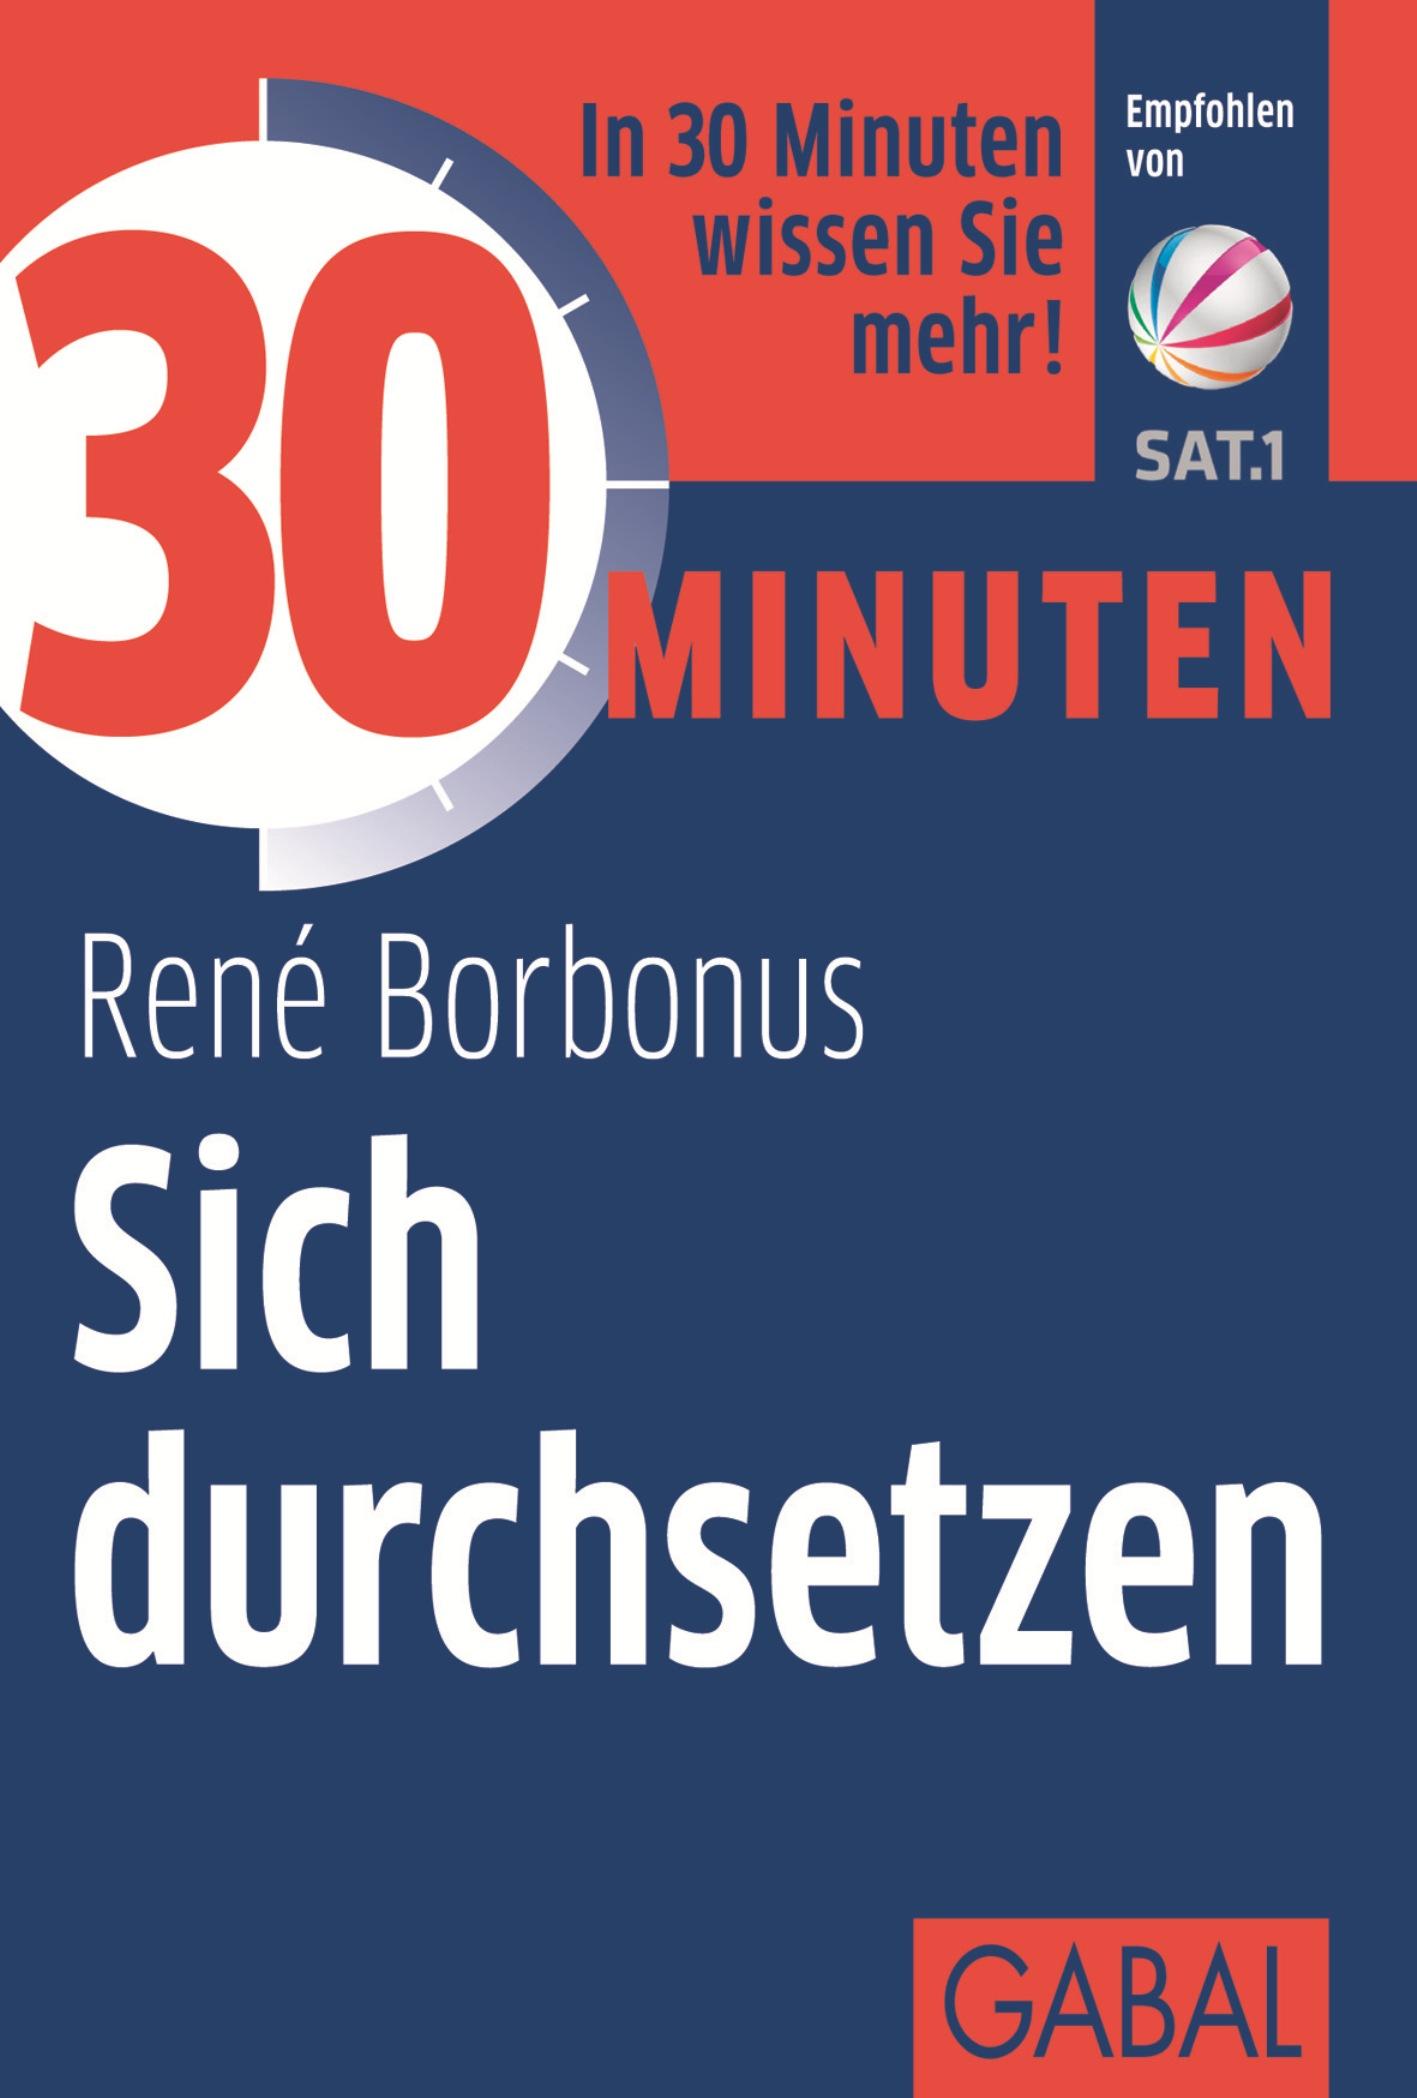 Rene Borbonus 30 Minuten Sich durchsetzen joachim skambraks 30 minuten elevator pitch